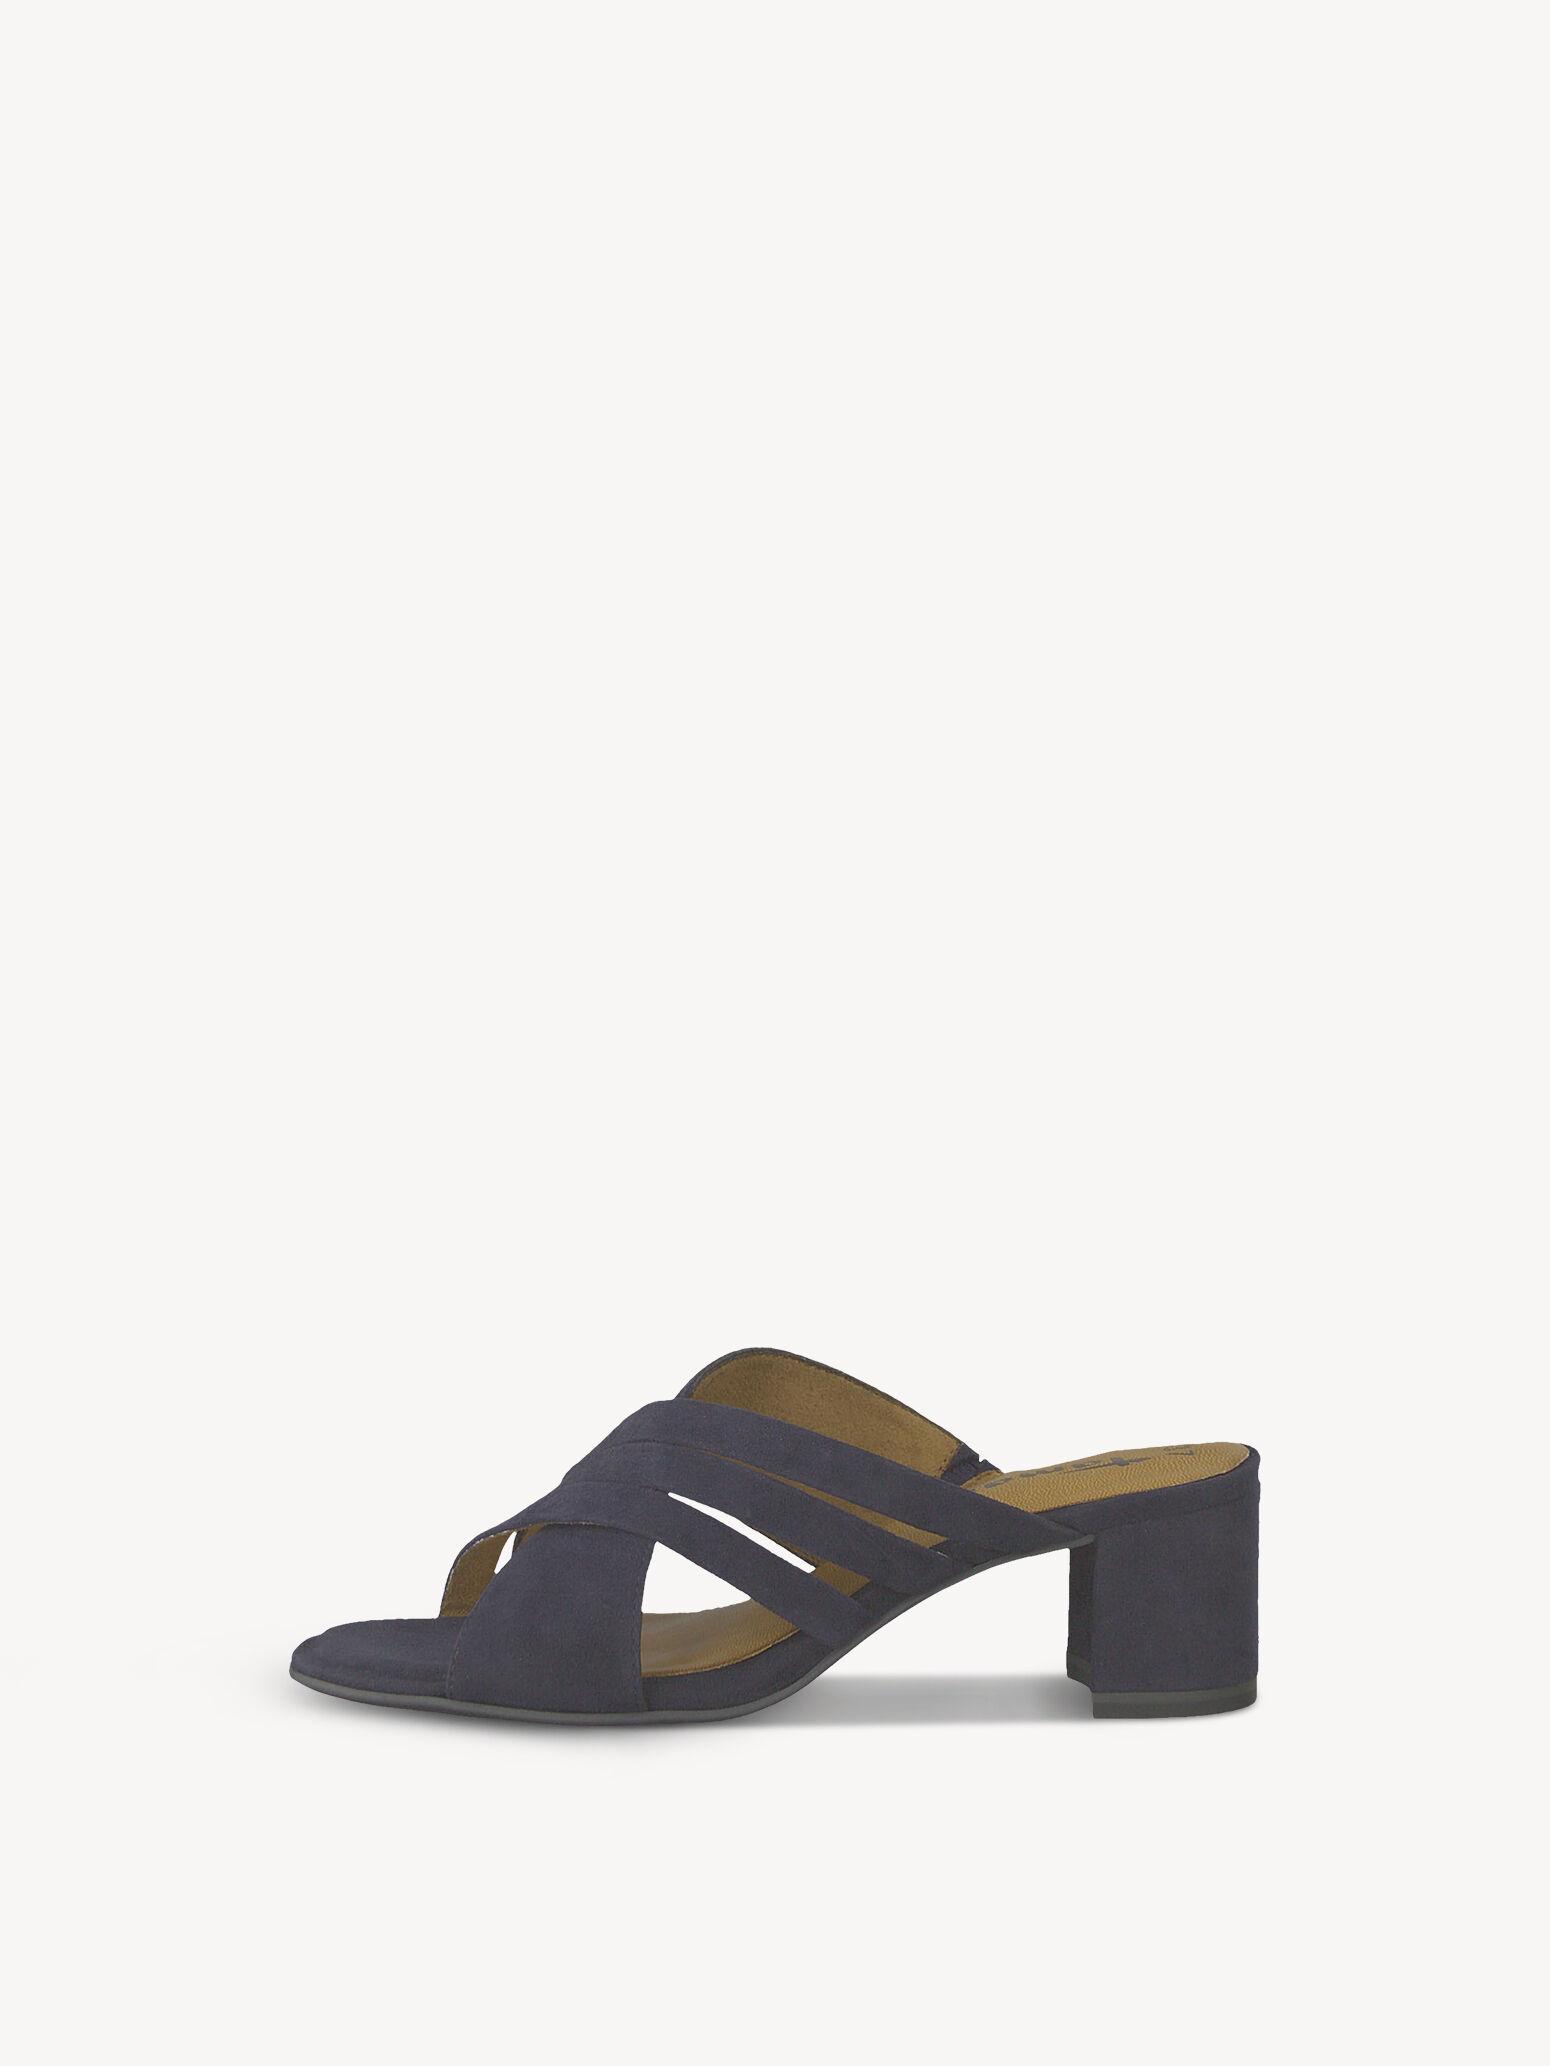 online kaufen Schuhe Damen Pantoletten für Tamaris nPkXNO80w